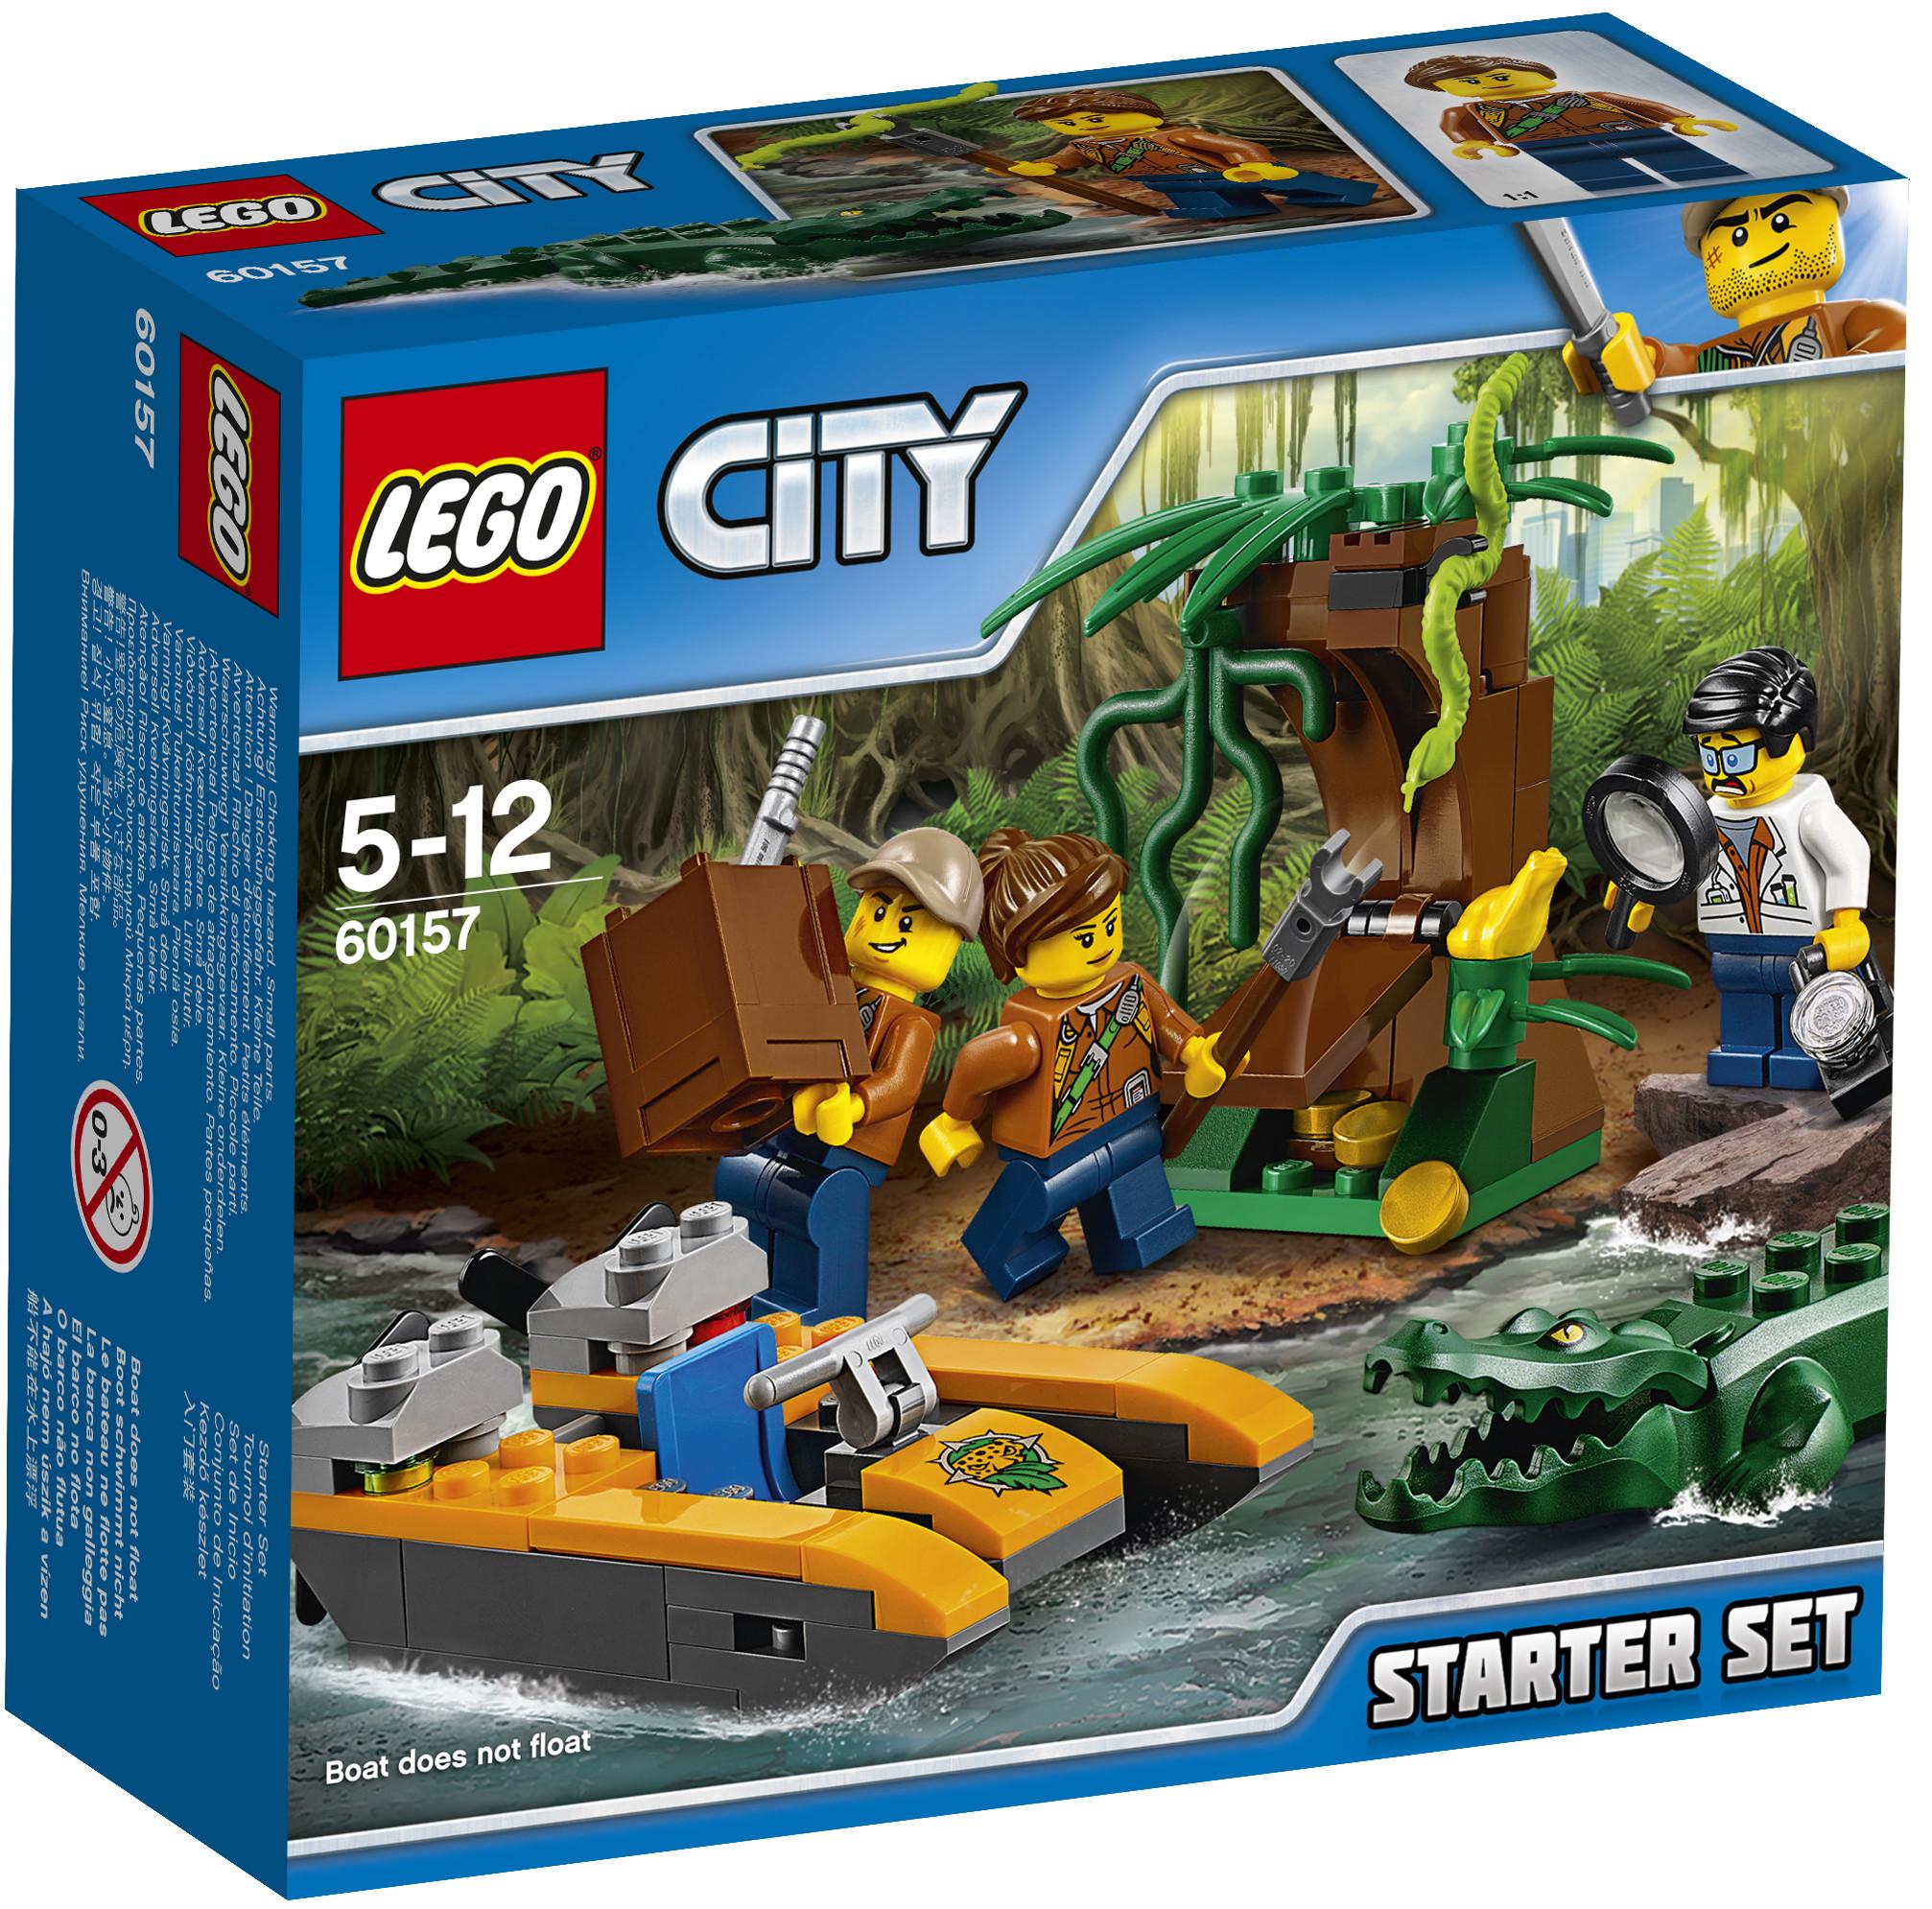 LEGO LEGO Конструктор LEGO City Jungle Explorer 60157 Набор «Джунгли» для начинающих lego lego город набор для начинающих аэропорт